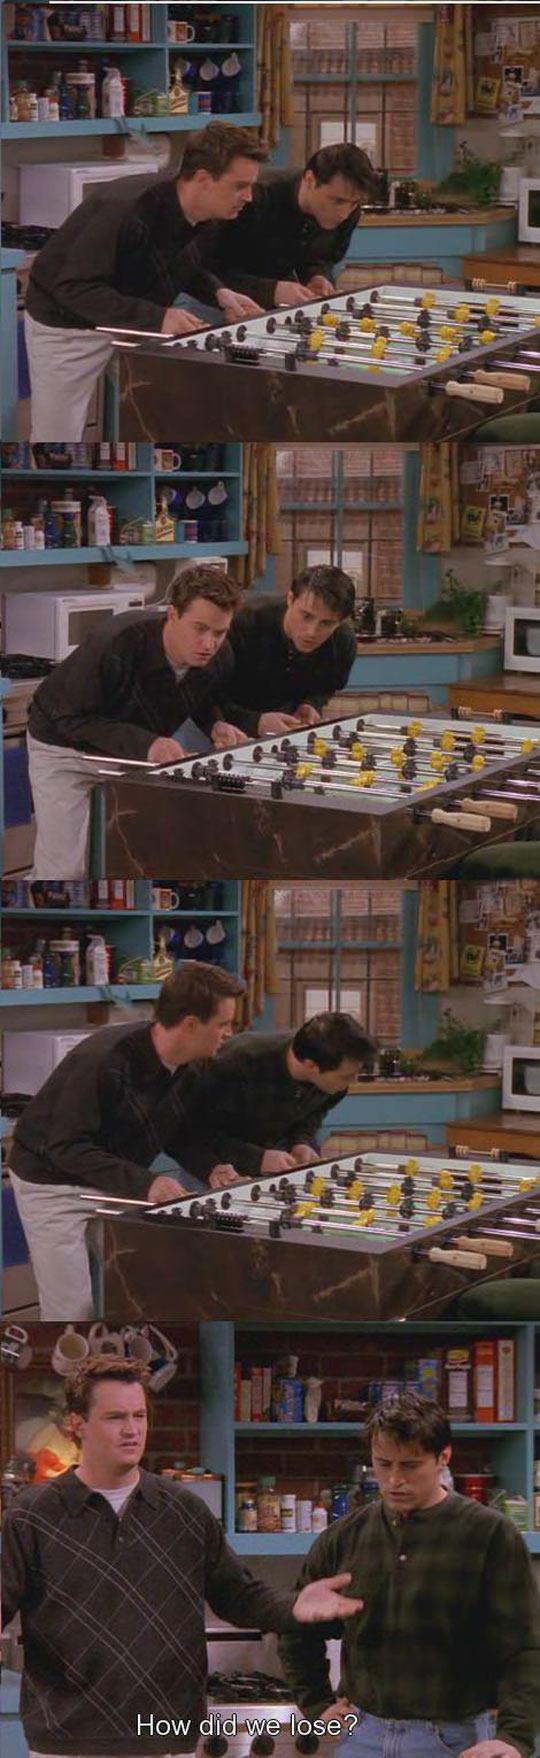 funny-Friends-Joey-Chandler-foosball-game